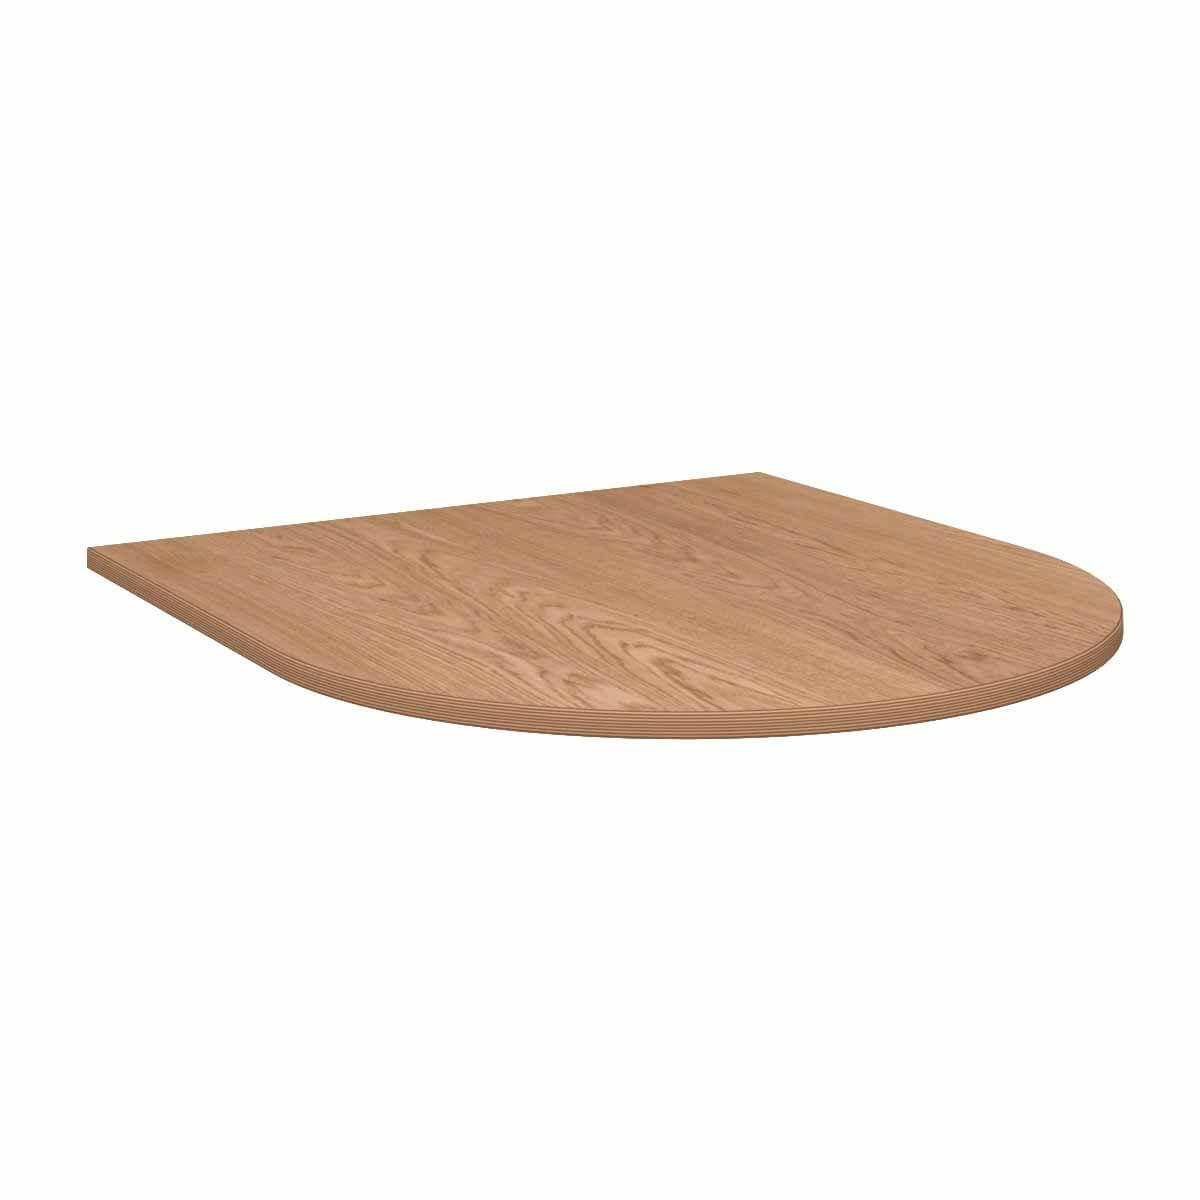 Platte Spieltisch KASVA Multiplex Eiche-furniert